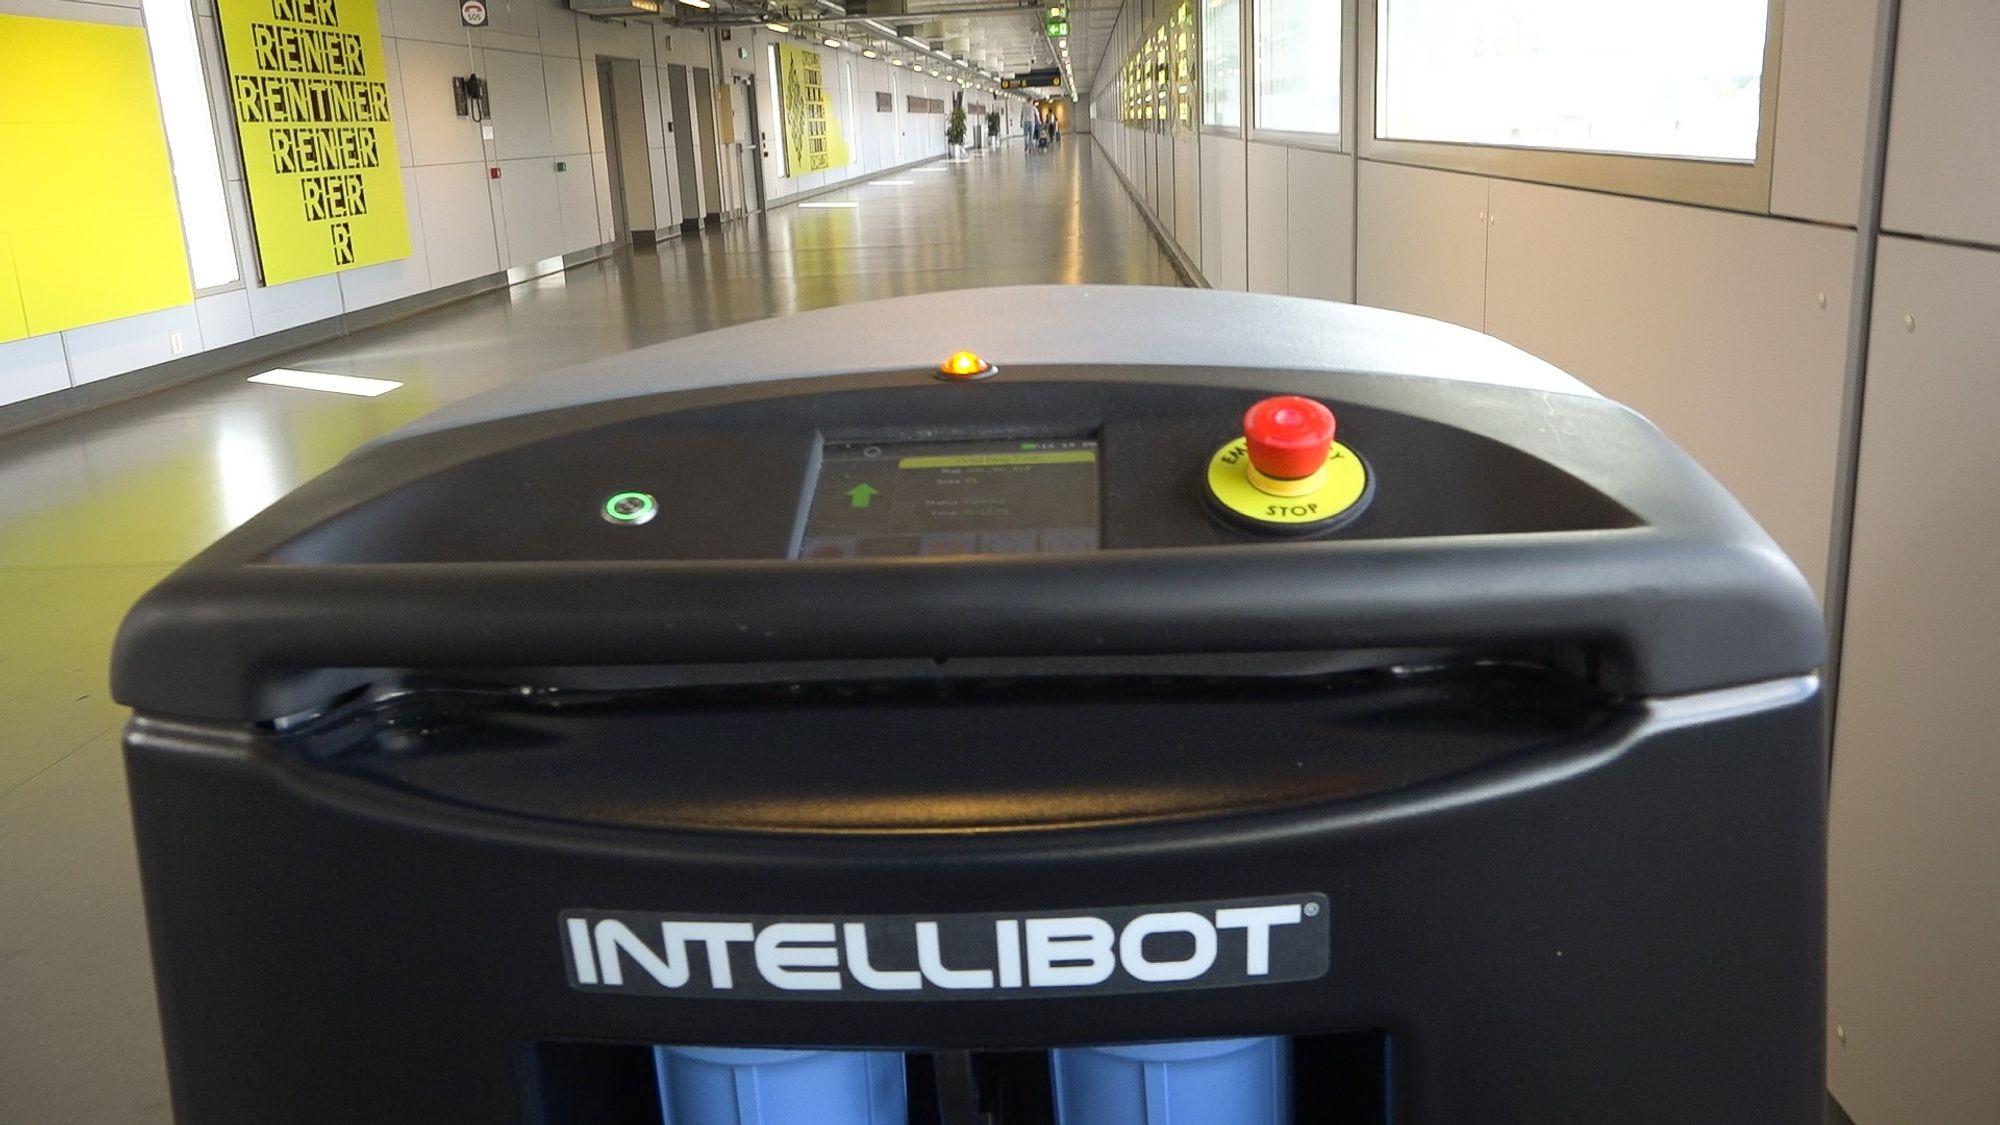 Vaskeroboter egner seg best til store flater. Den har kapasitet på 1000 m2/time, og må lades etter fire timers bruk.